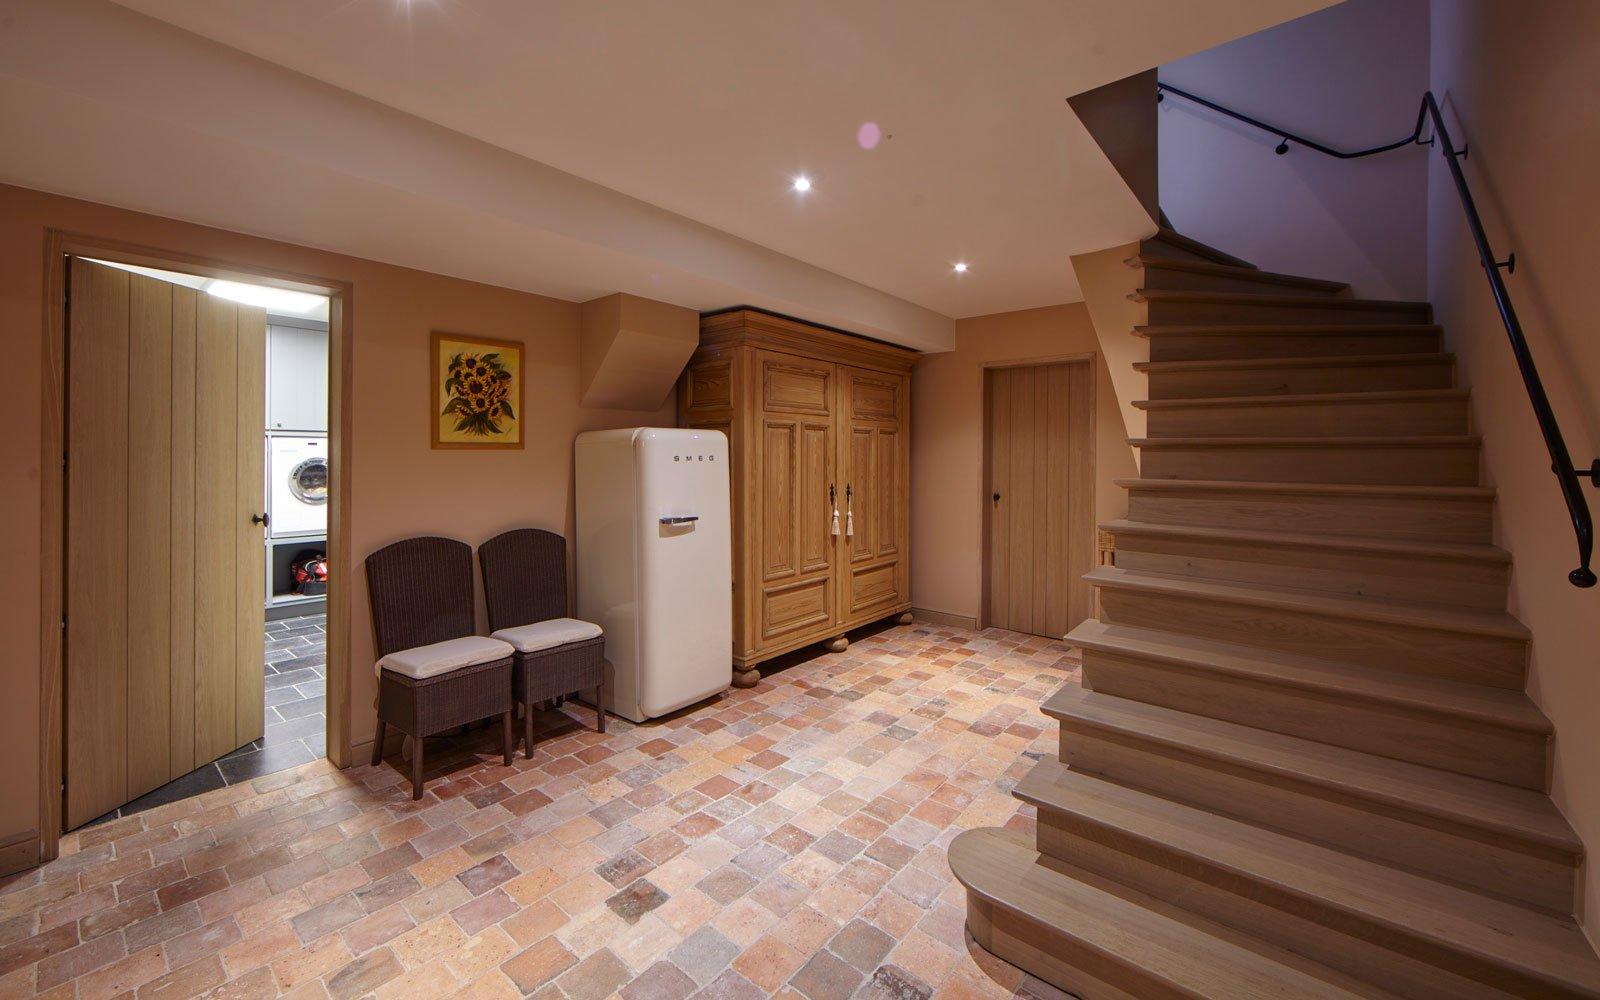 Hal, deurbeslag, Dauby, houten deuren, houten trap, natuurlijke materialen Engelse cottage, Bart François